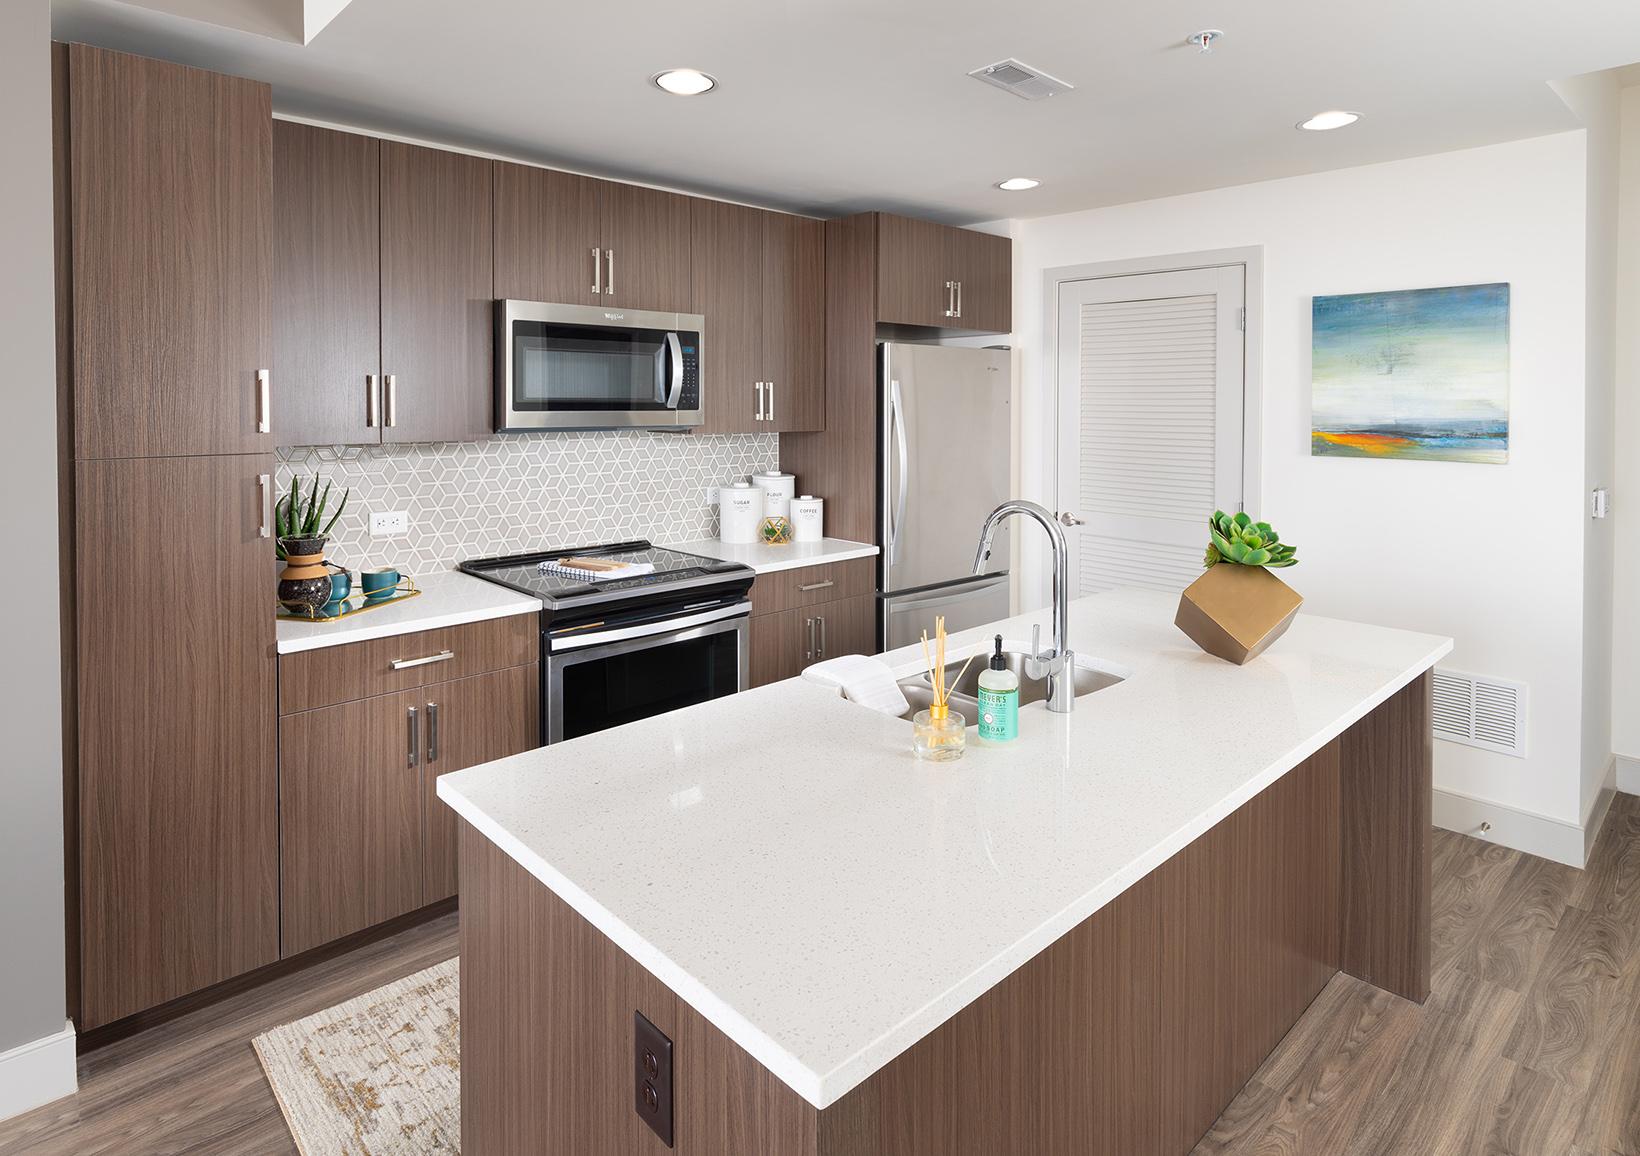 Ktichen of a modern apartment